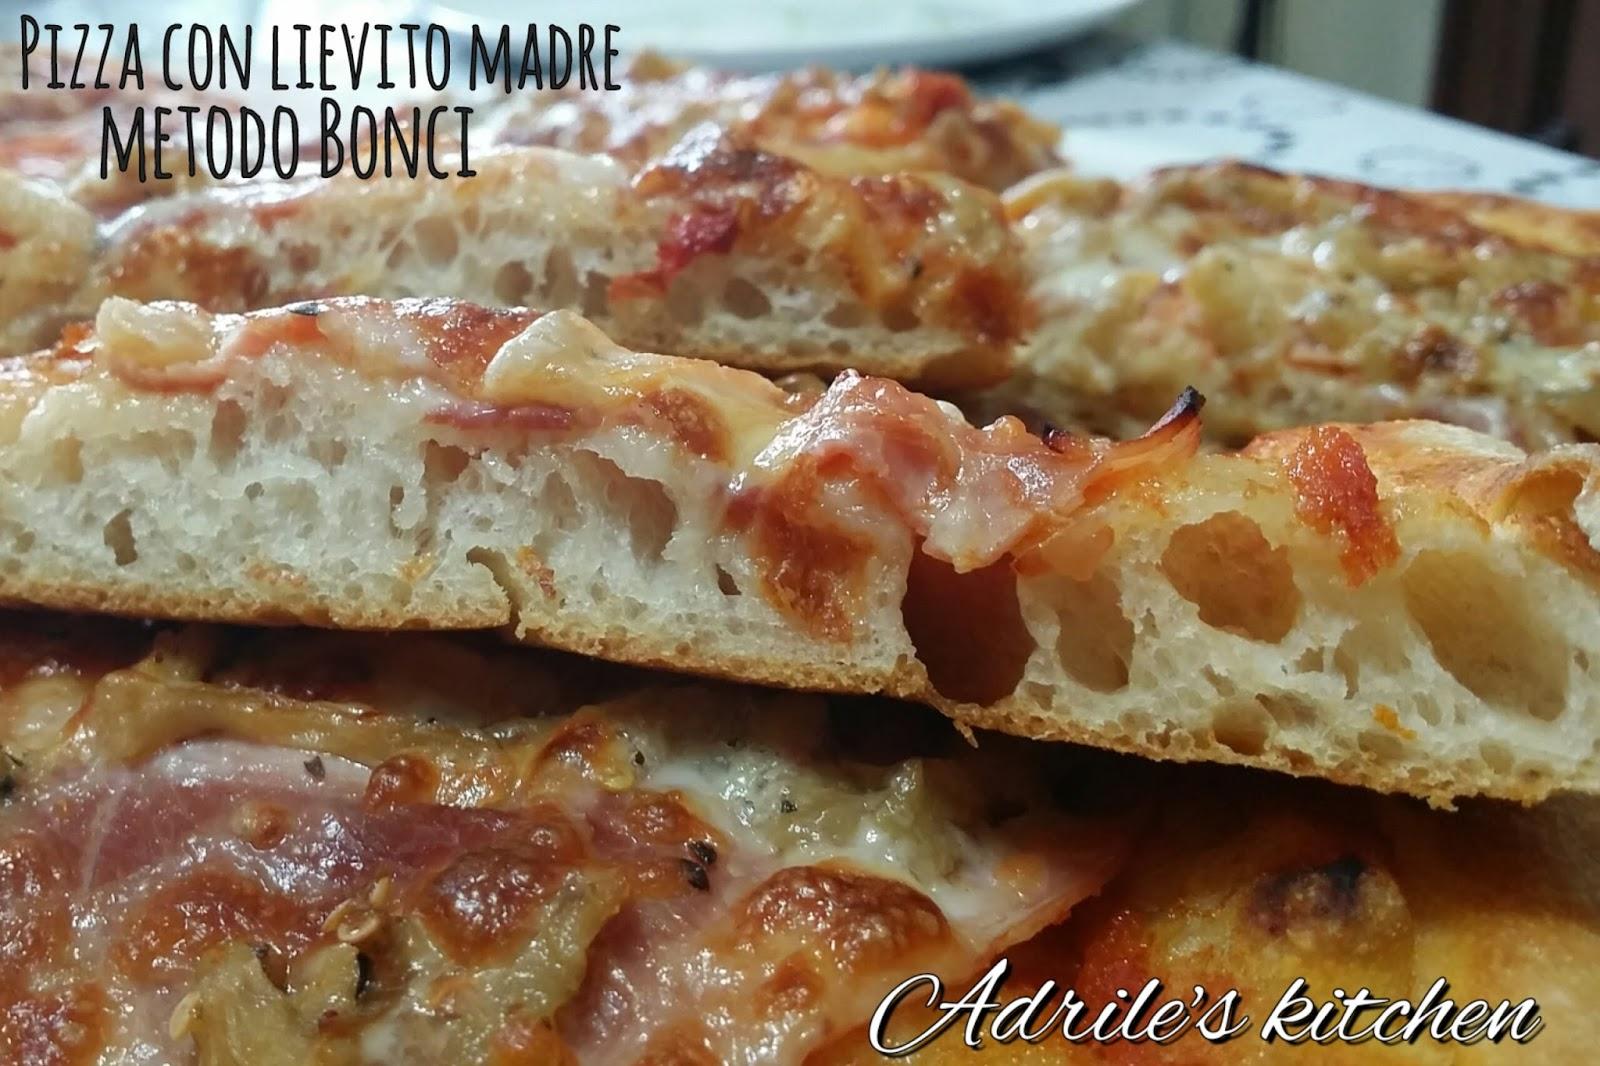 Ricette Lievito Madre Bonci.Pizza Con Lievito Madre Con Metodo Bonci